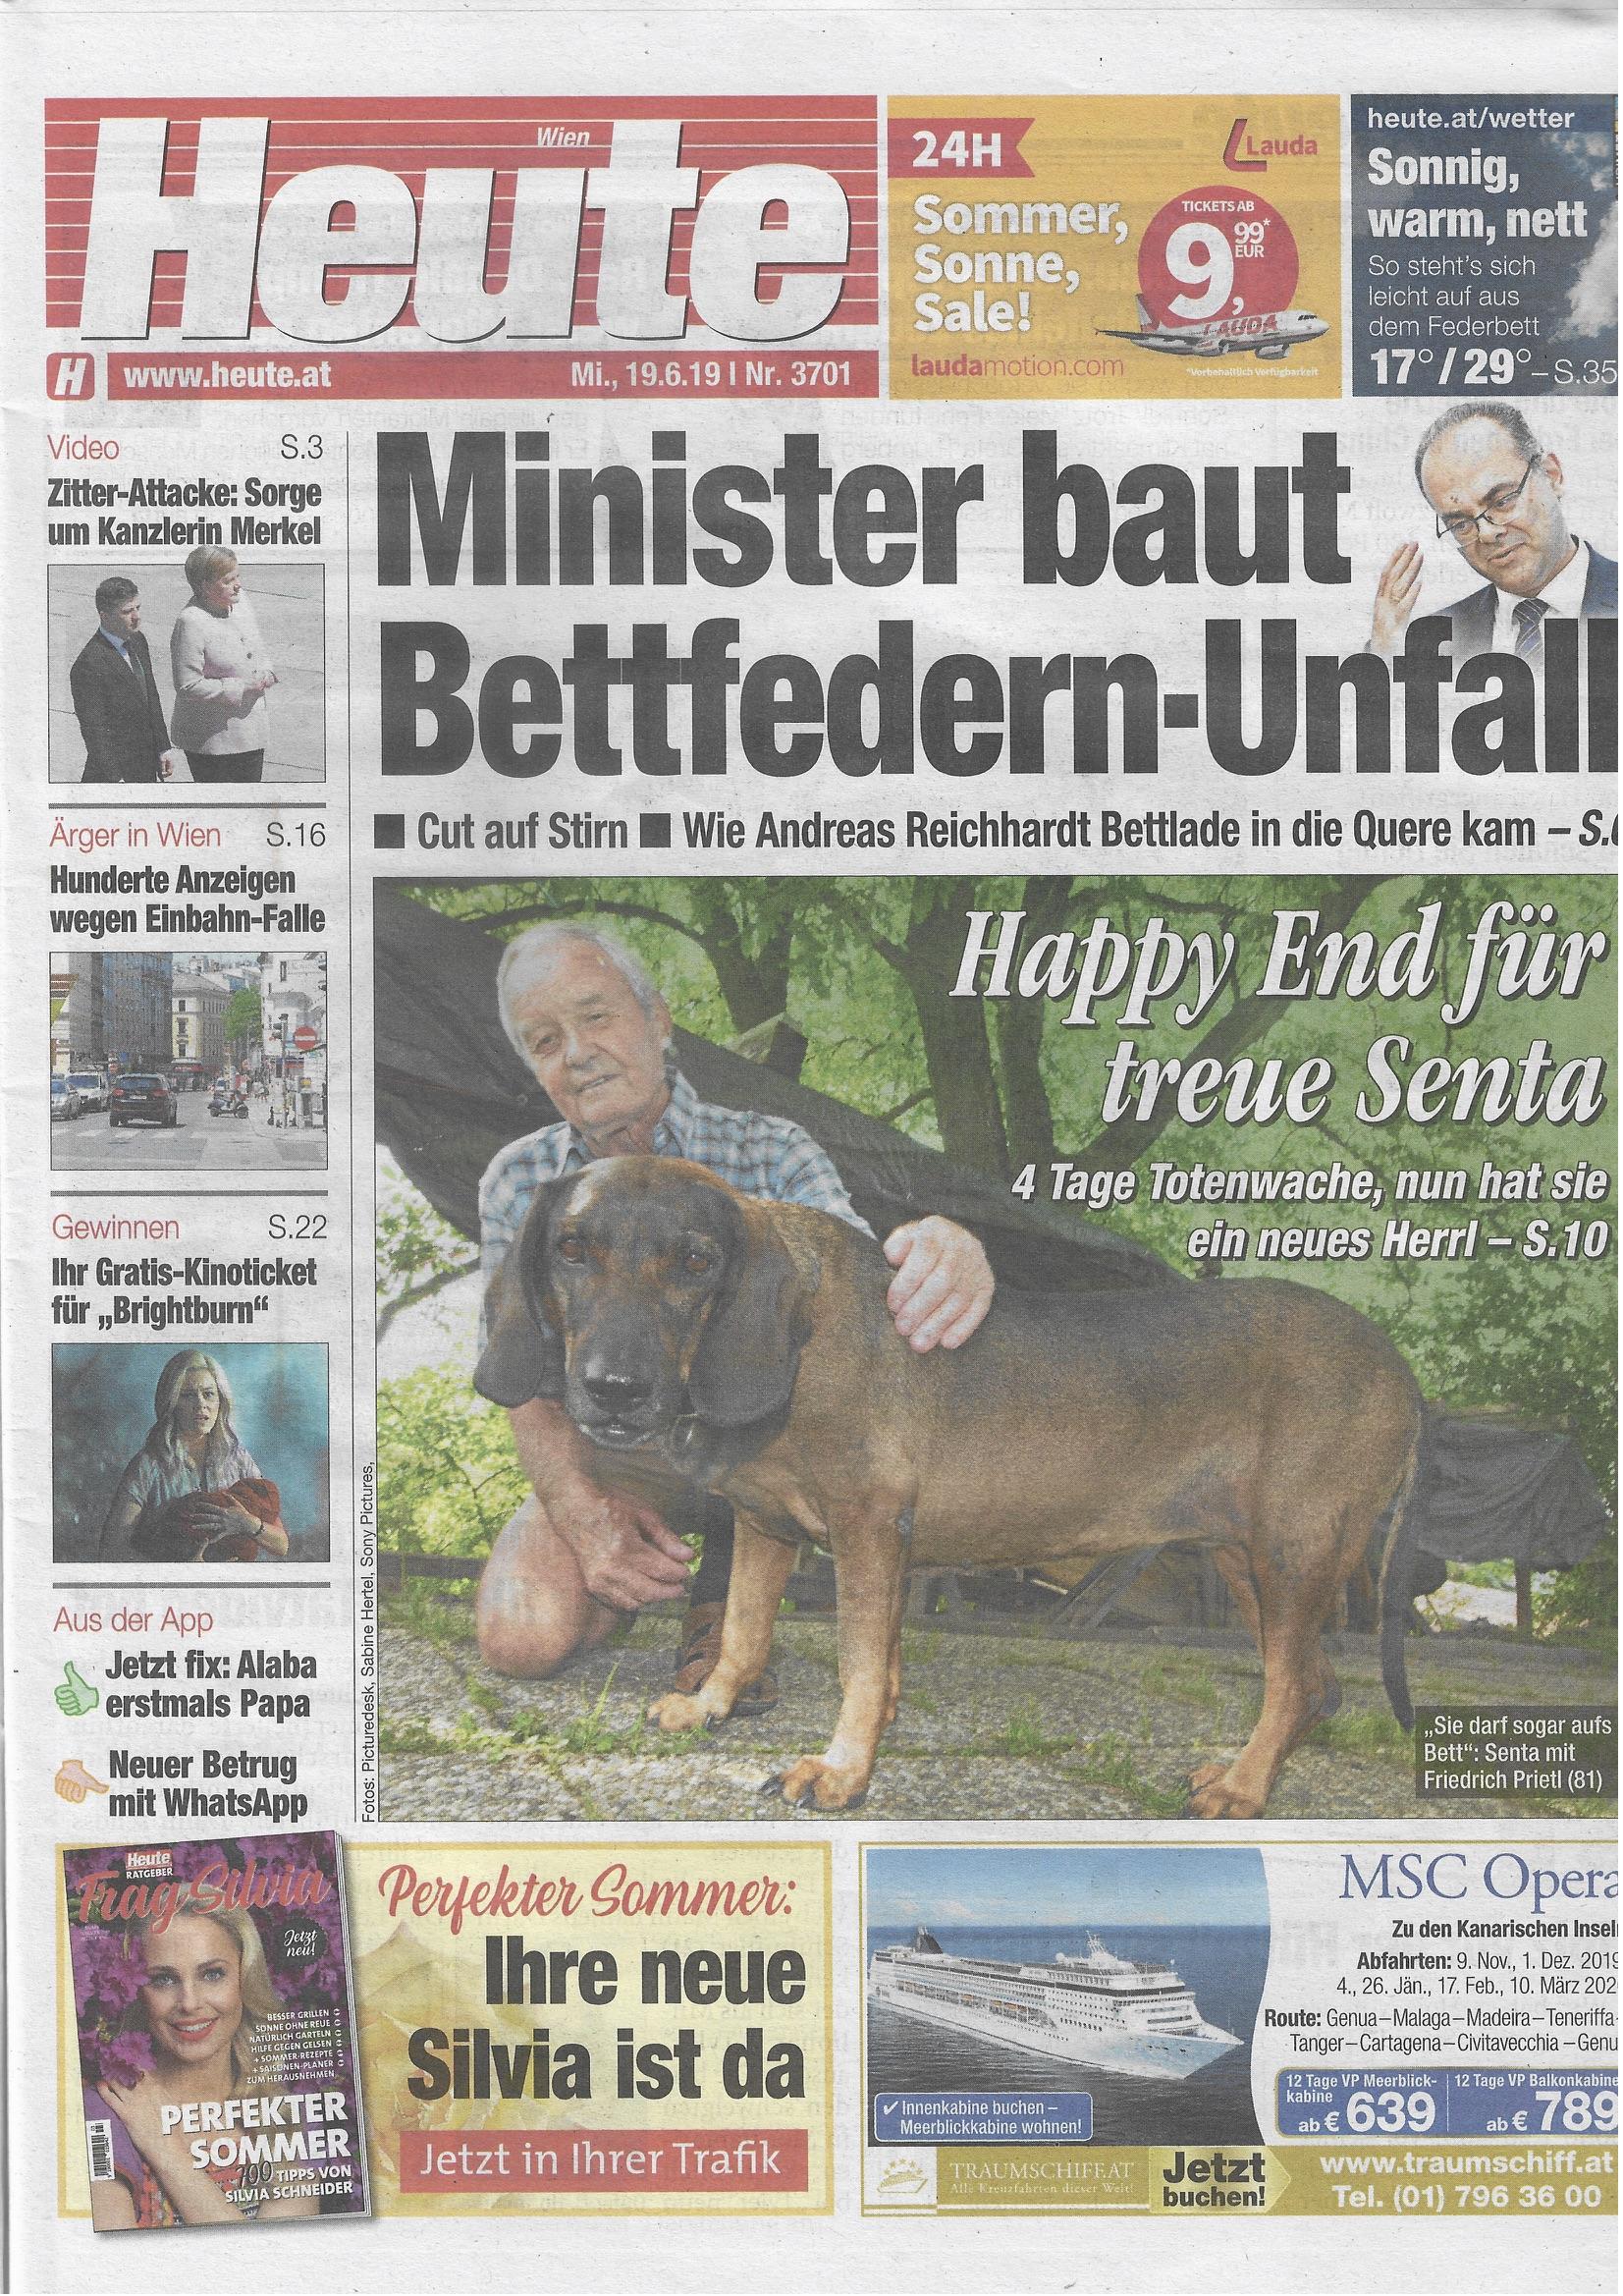 Heute - Minister baut Bettfedern-Unfall